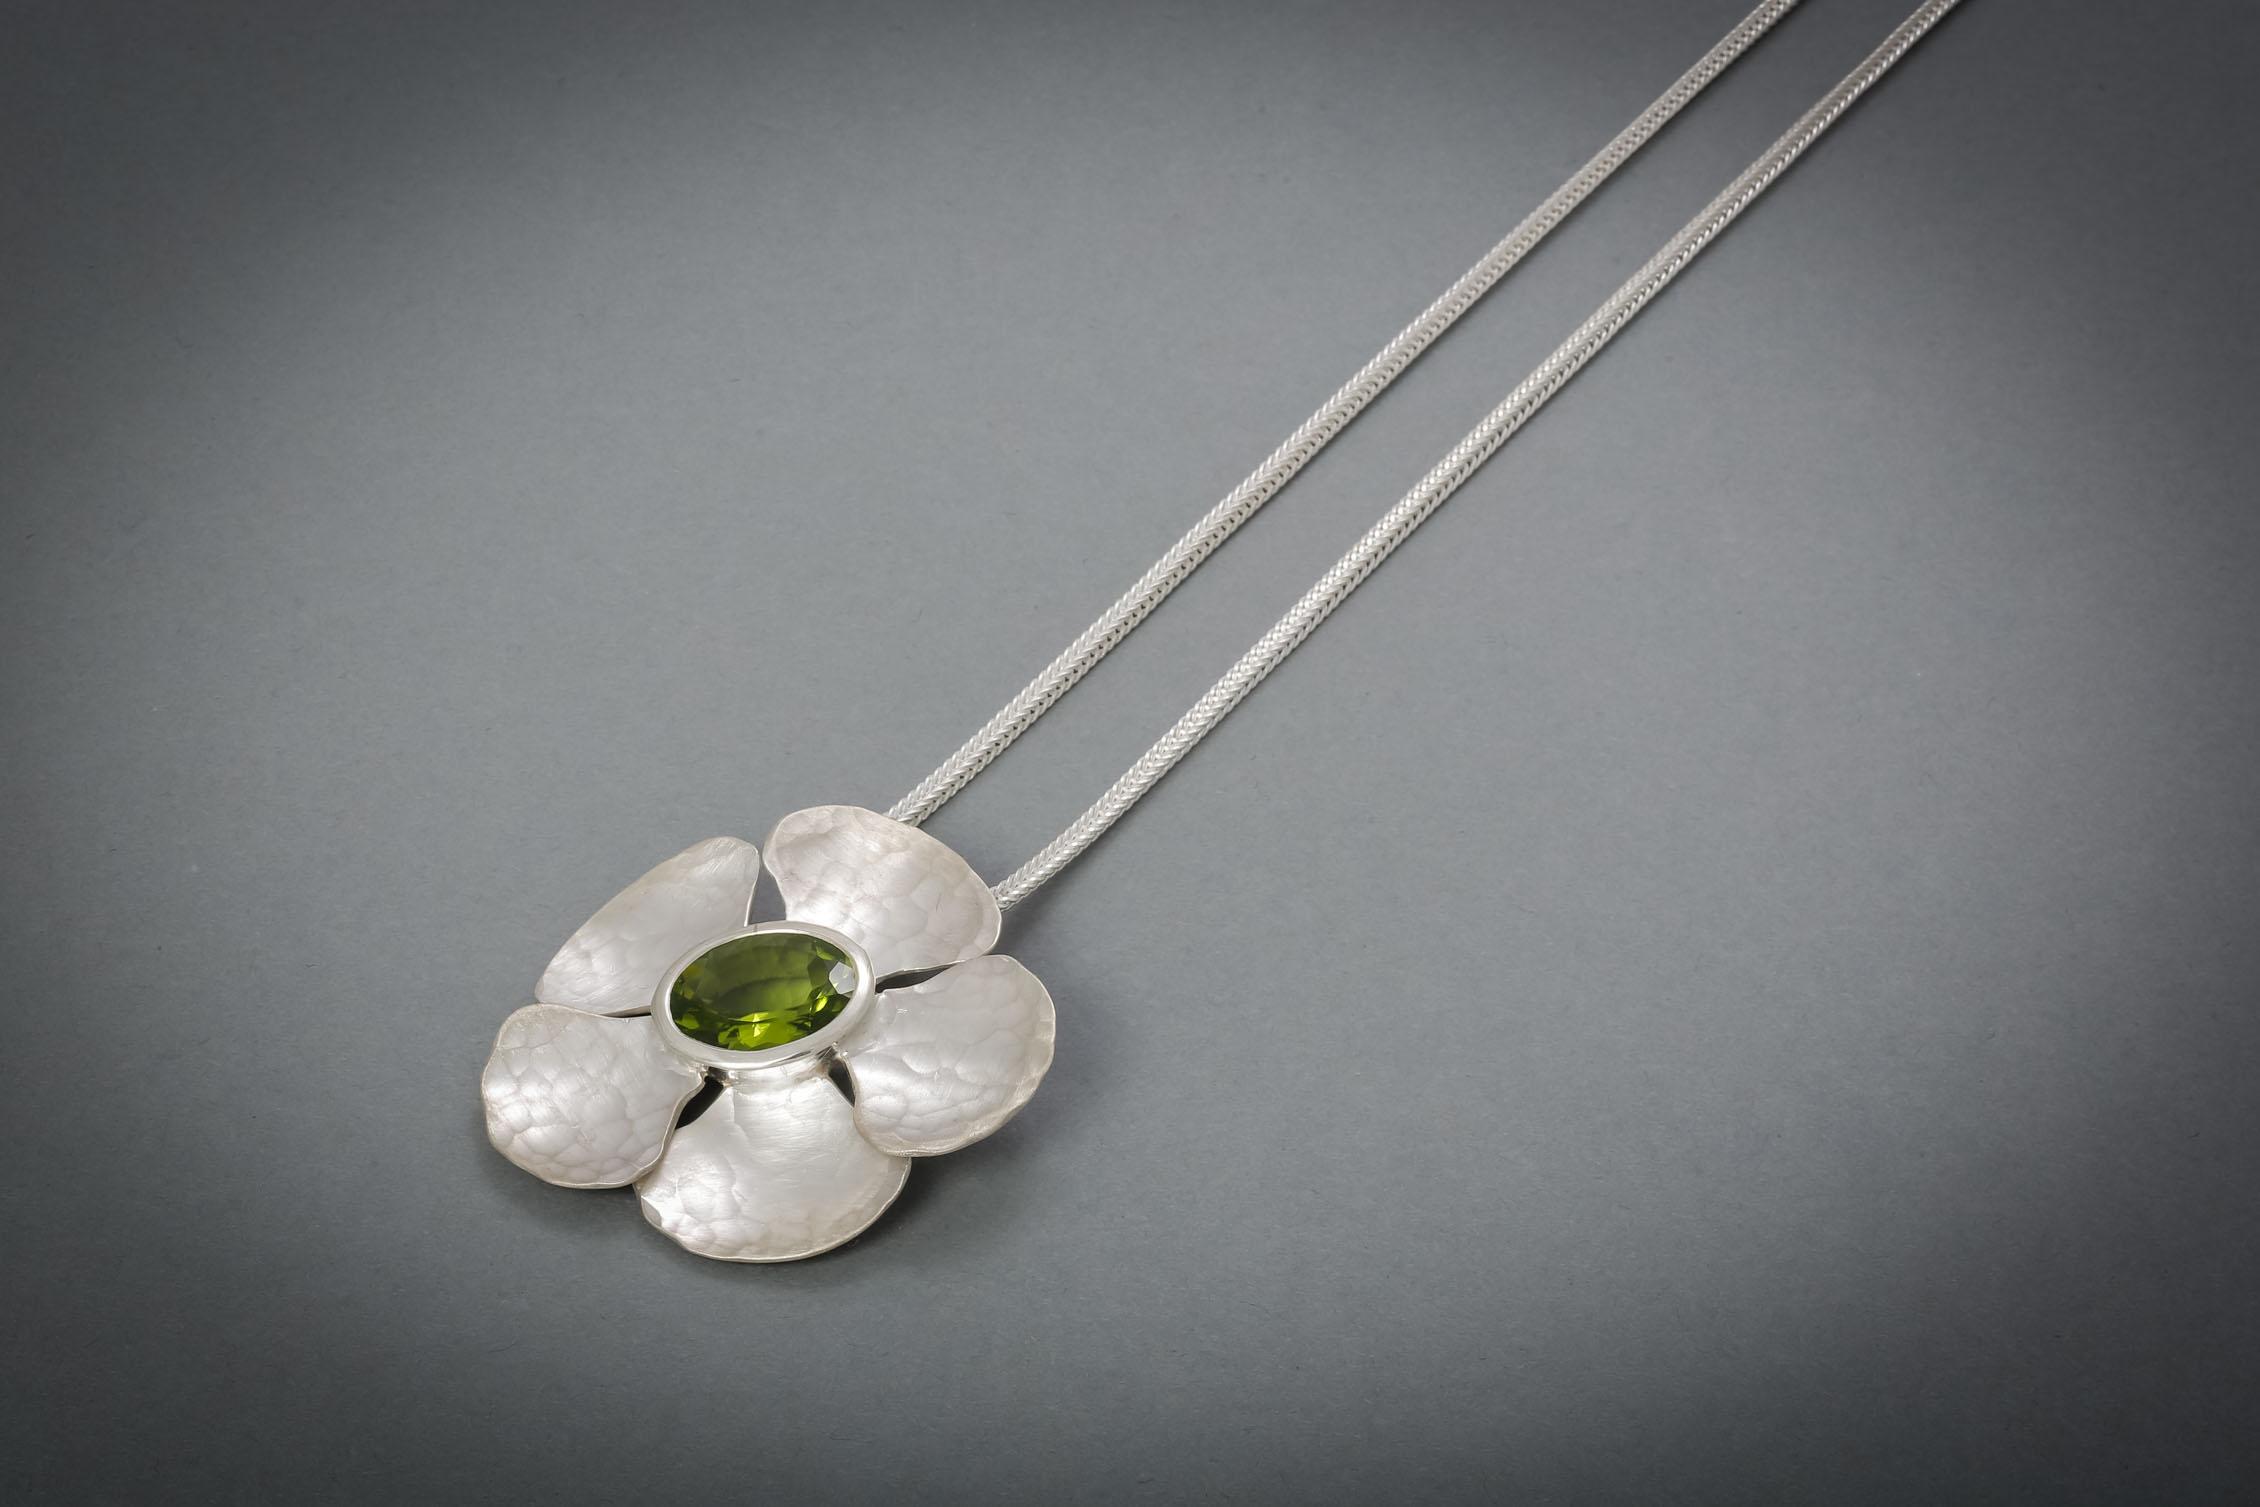 037 Silberanhänger mit Kette, Orchideenblüte, Peridot € 640,-